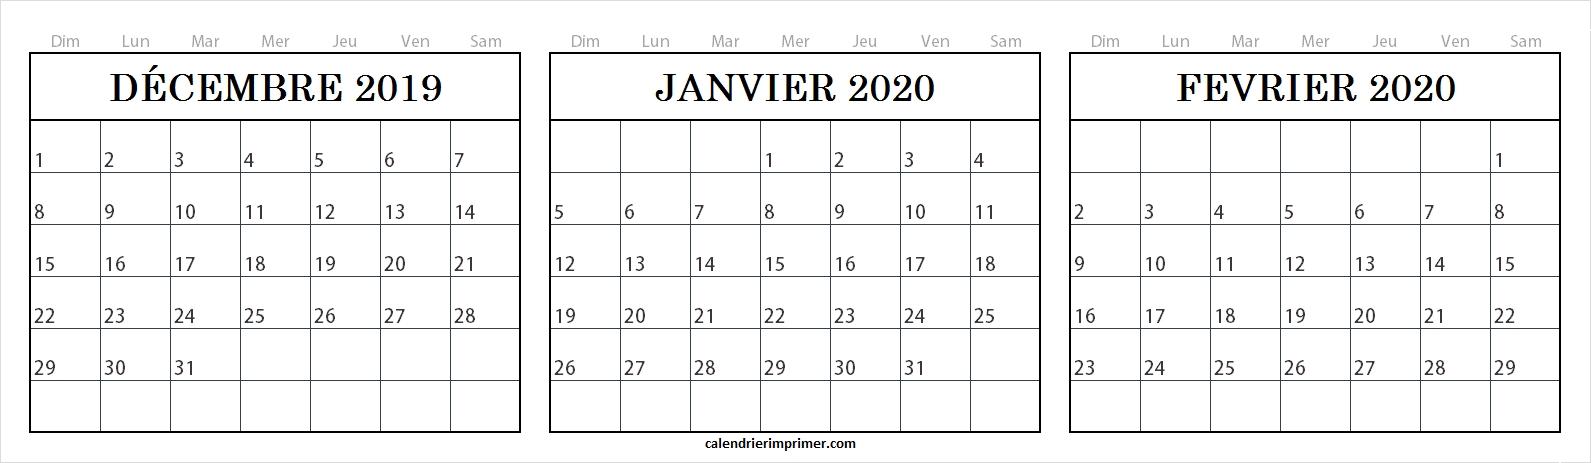 Calendrier Decembre 2019 Janvier Fevrier 2020 A Imprimer